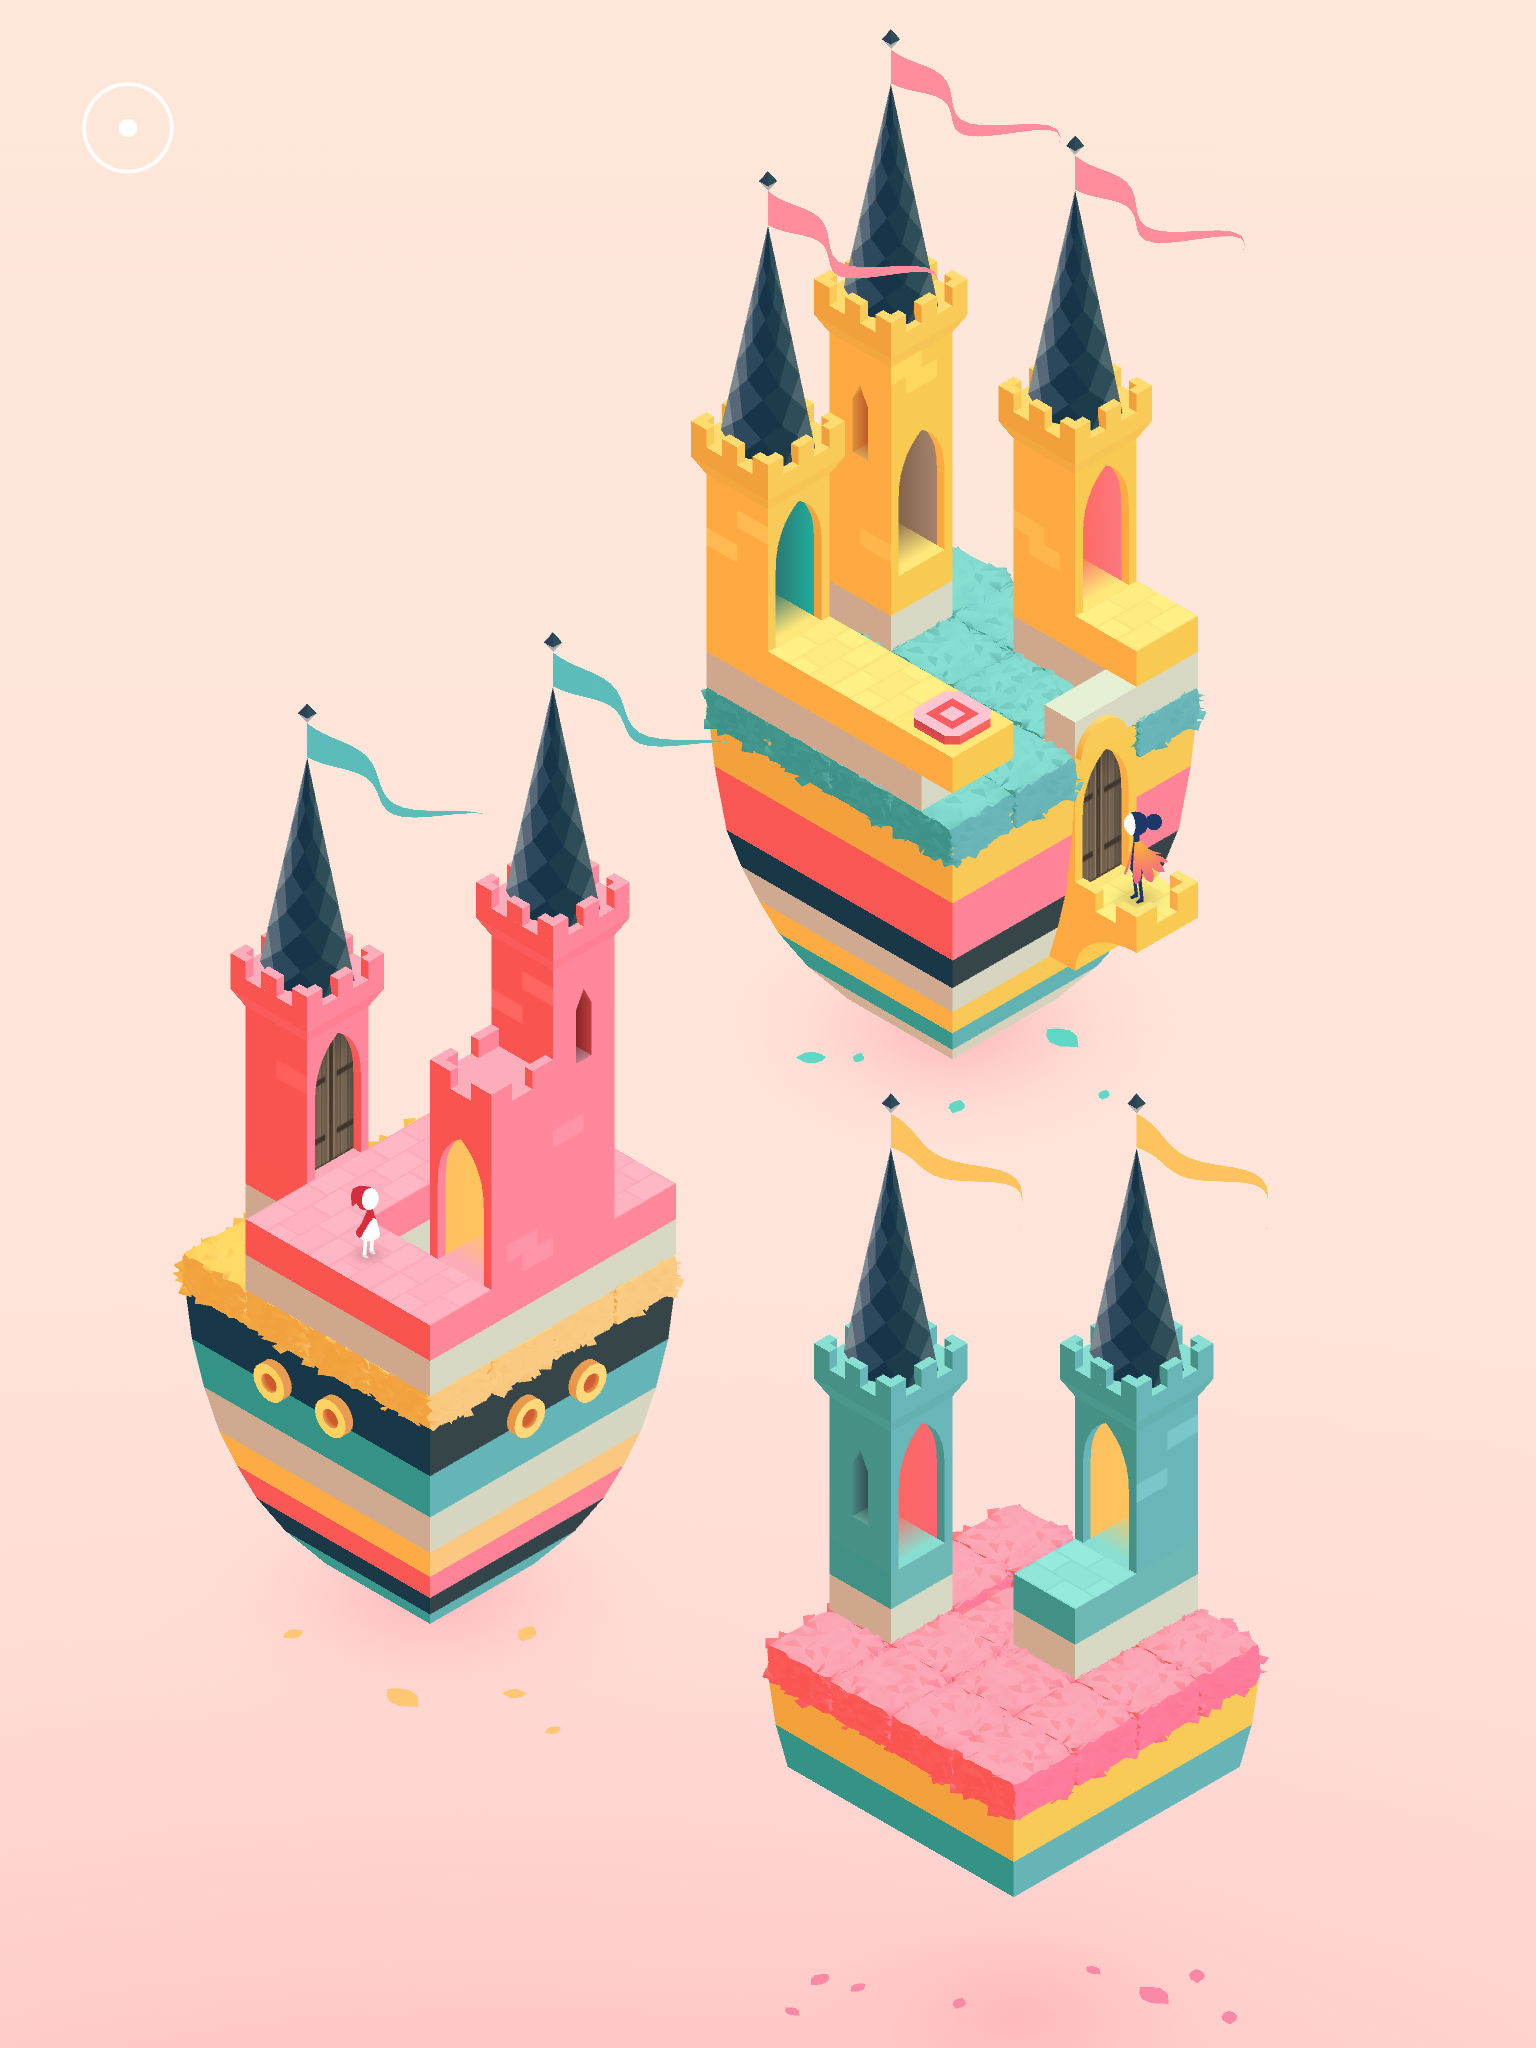 drei farbige Luftschlösser